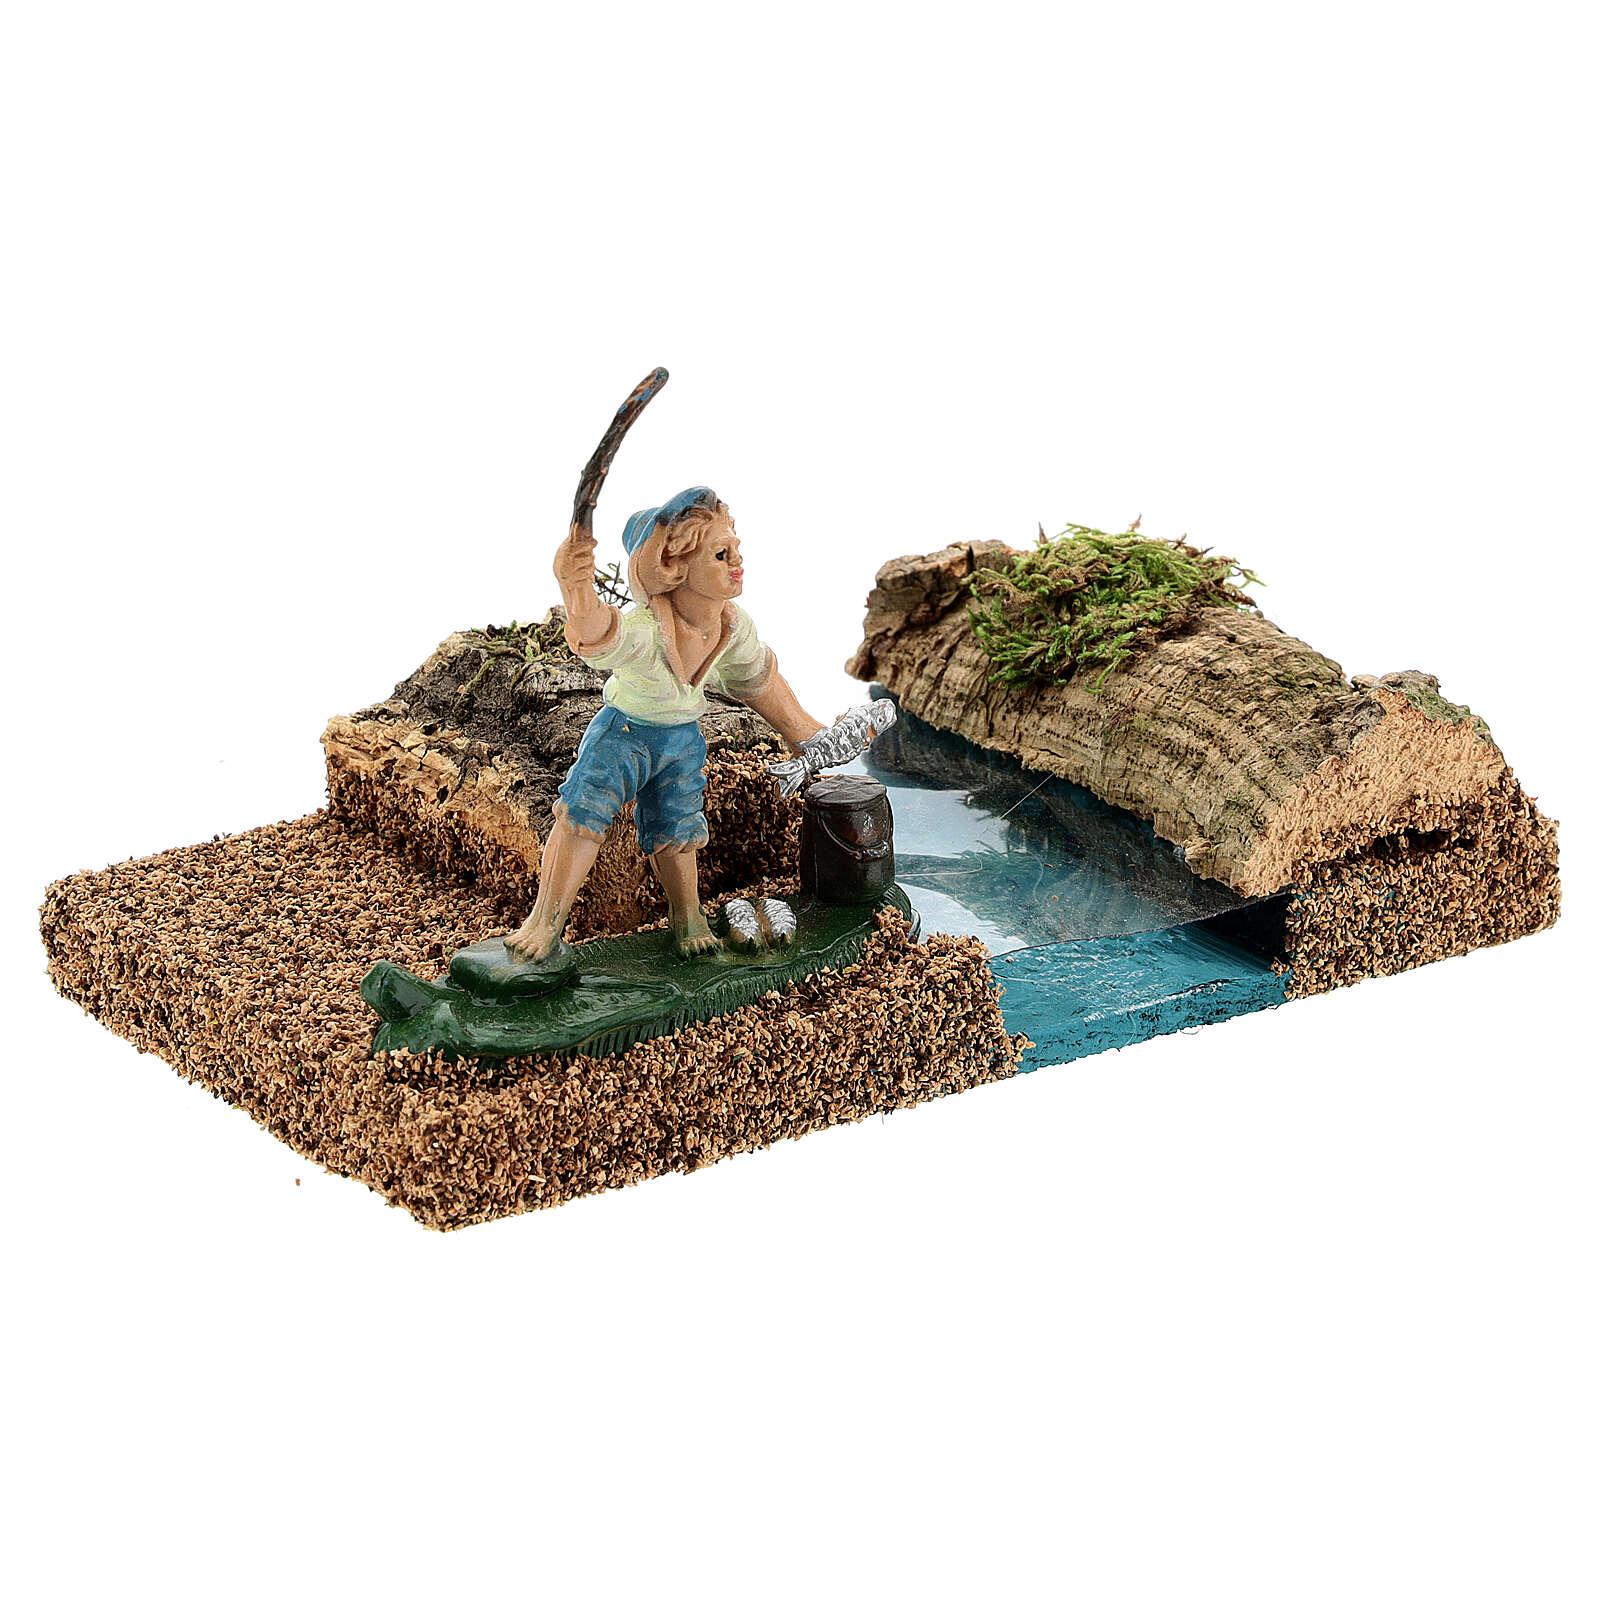 Pescador en la orilla del río 8 cm ambientación belén 4